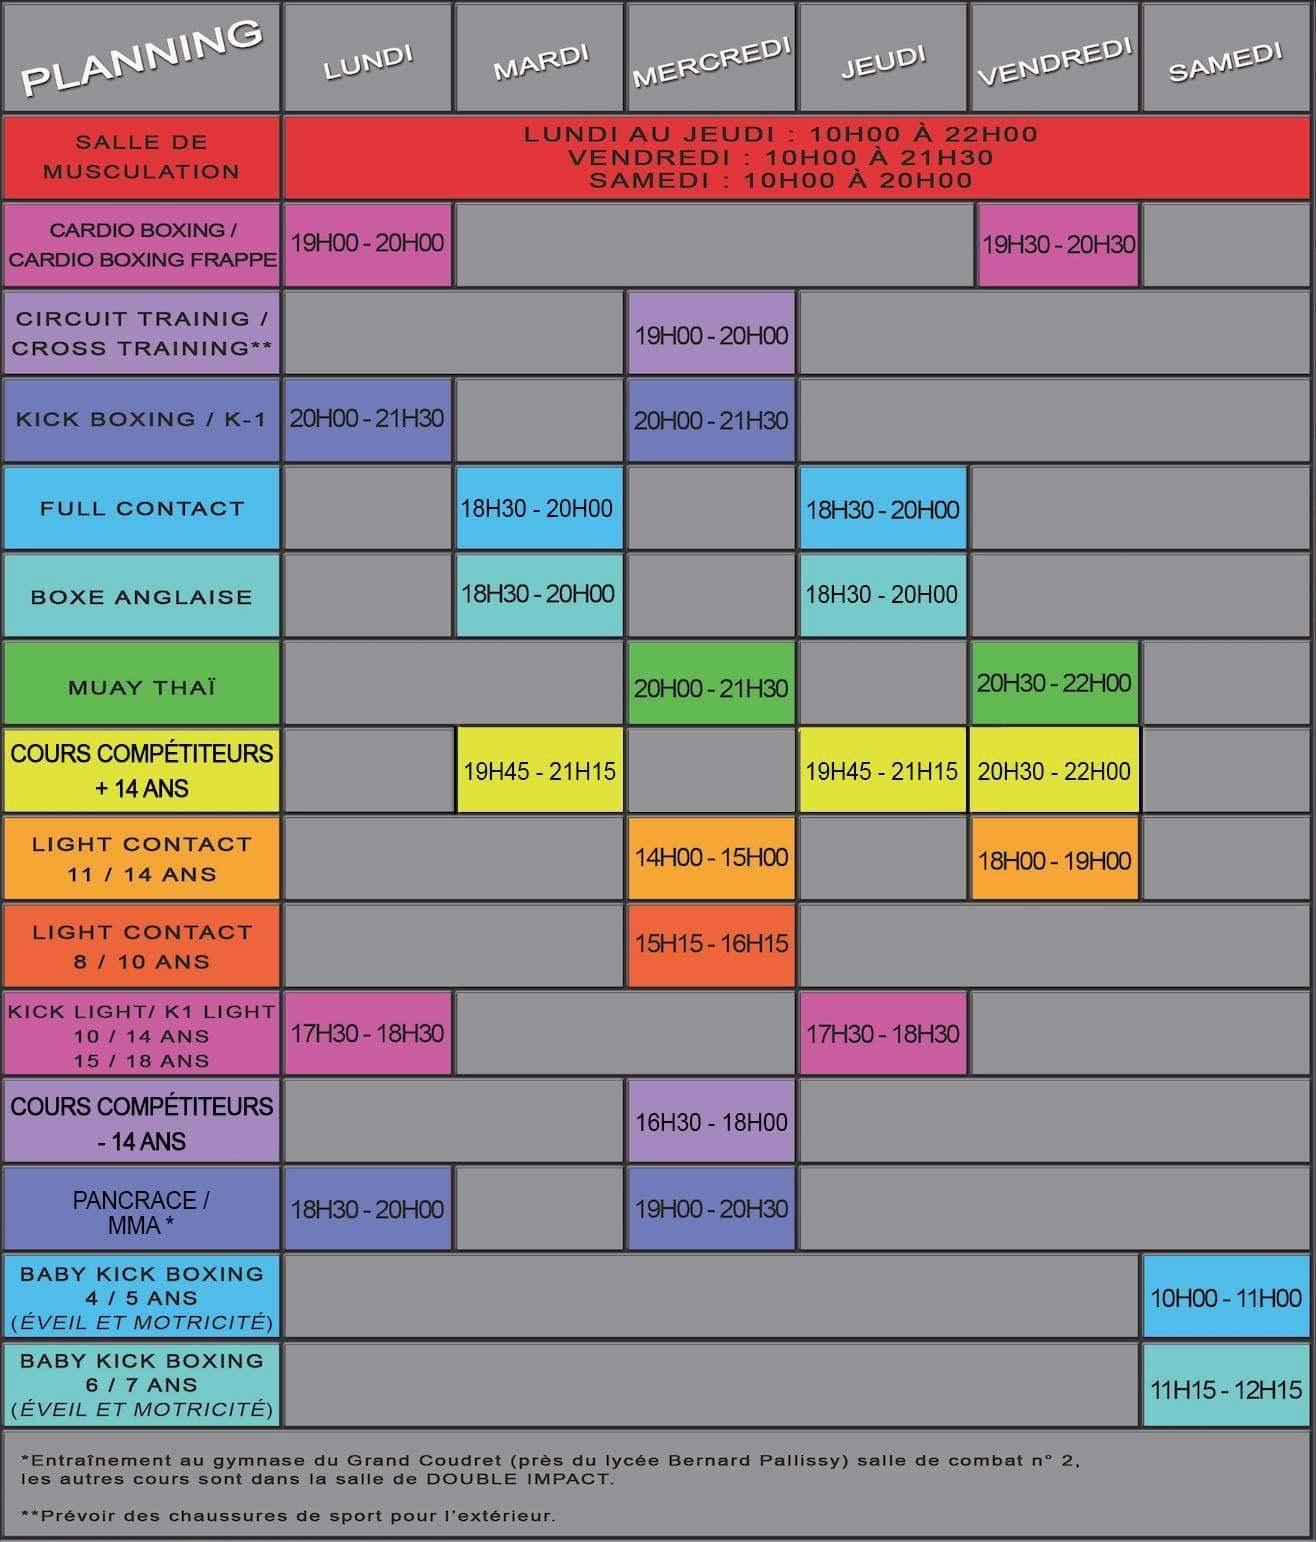 Planning des cours des disciplines - Saison 2020 - 2021